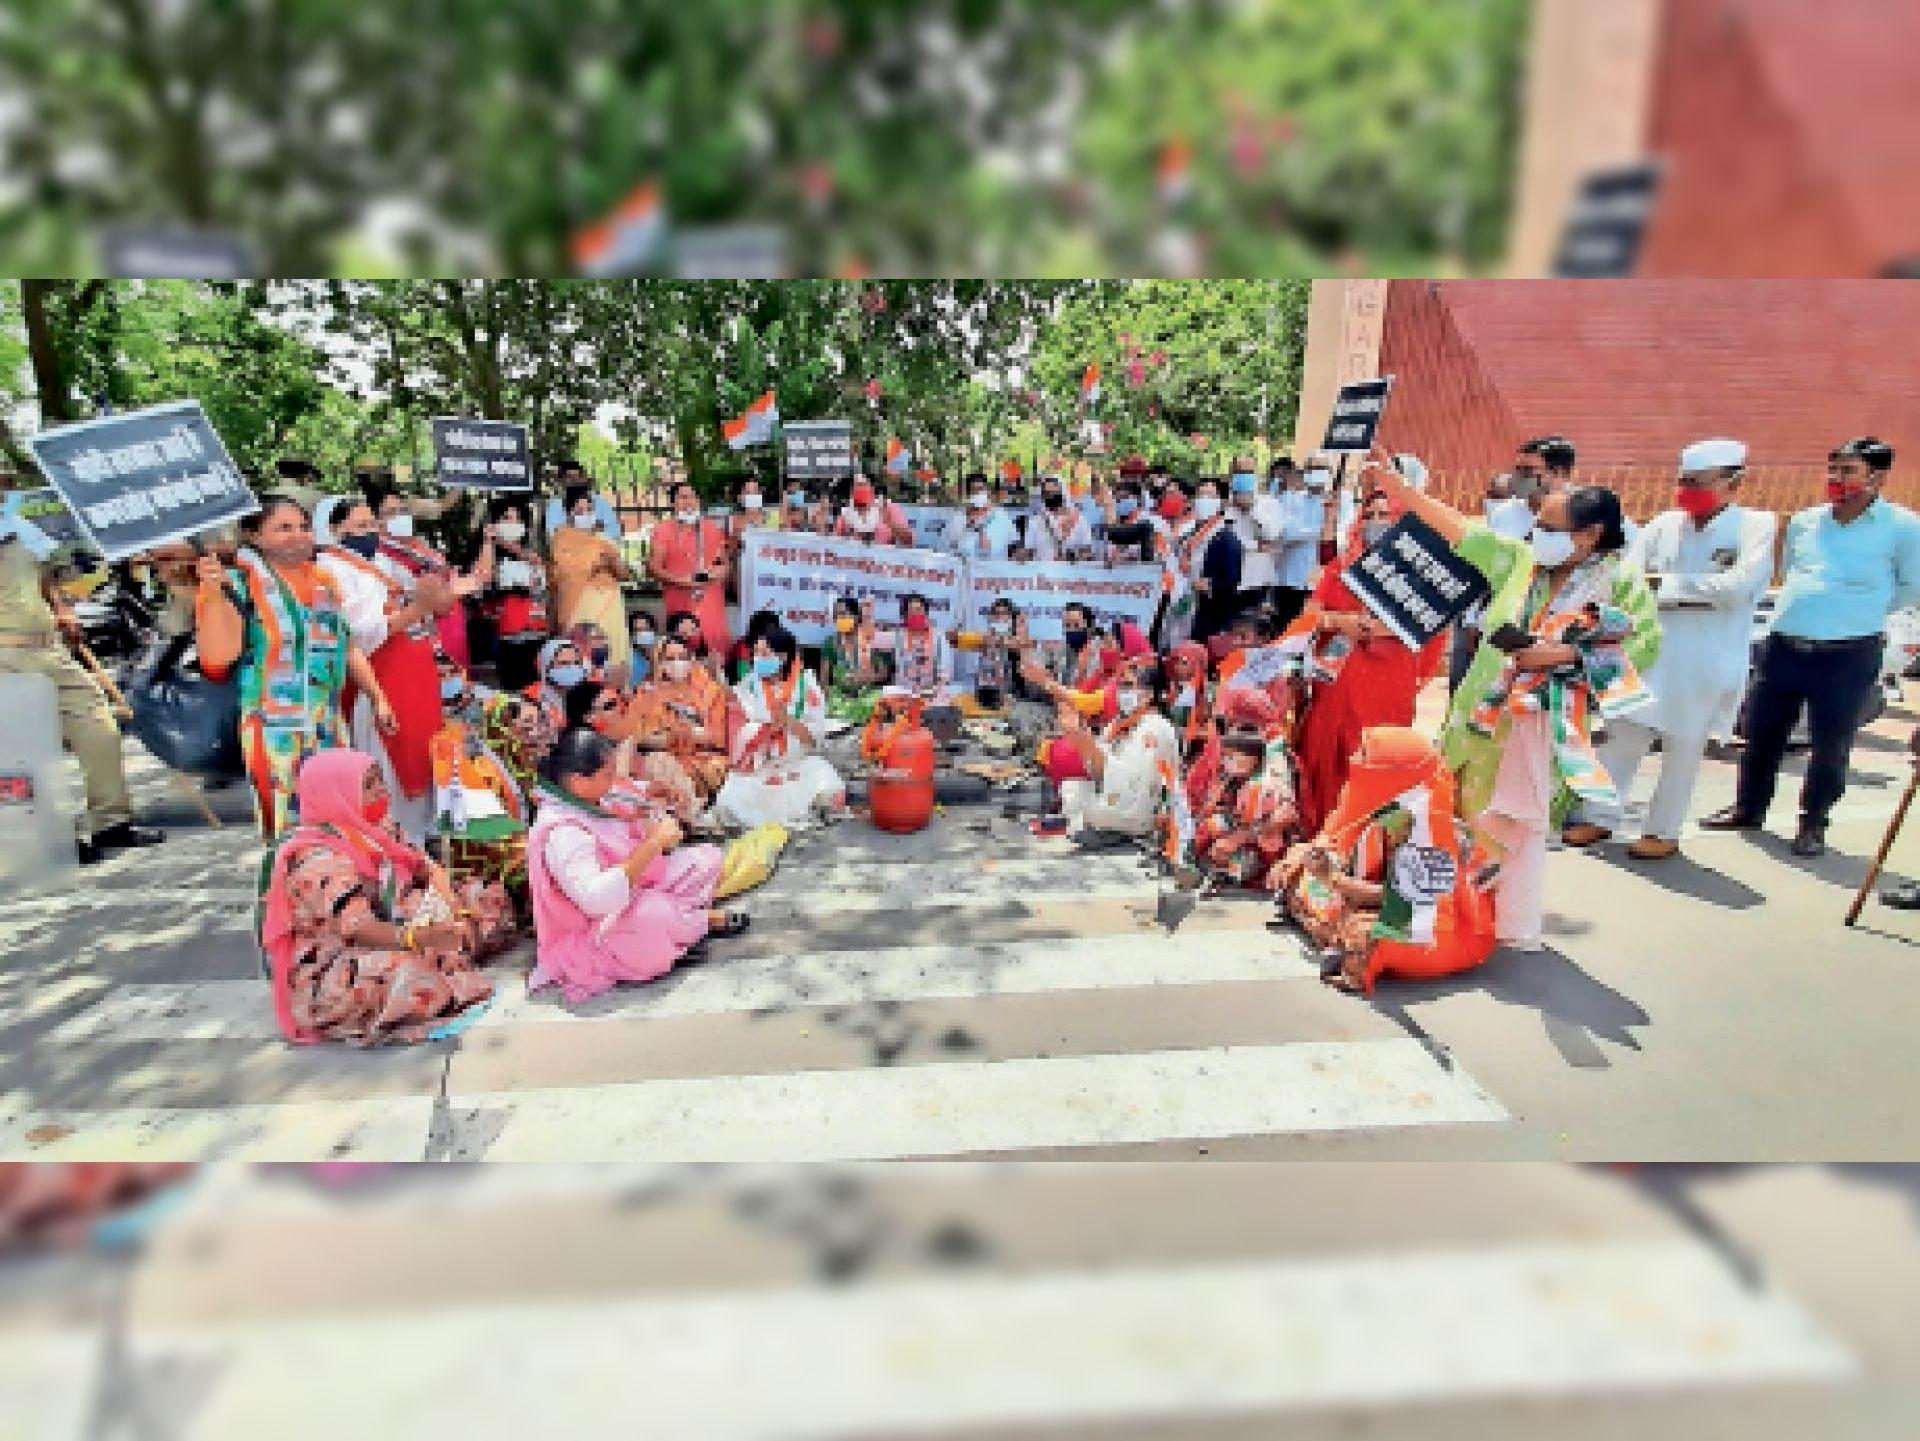 कलेक्ट्रेट के बाहर महिला मोर्चा कांग्रेस कार्यकर्ता गैस सिलेंडर लेकर आईं और उस पर रोटियां व सब्जियां बनाकर प्रदर्शन किया। - Dainik Bhaskar